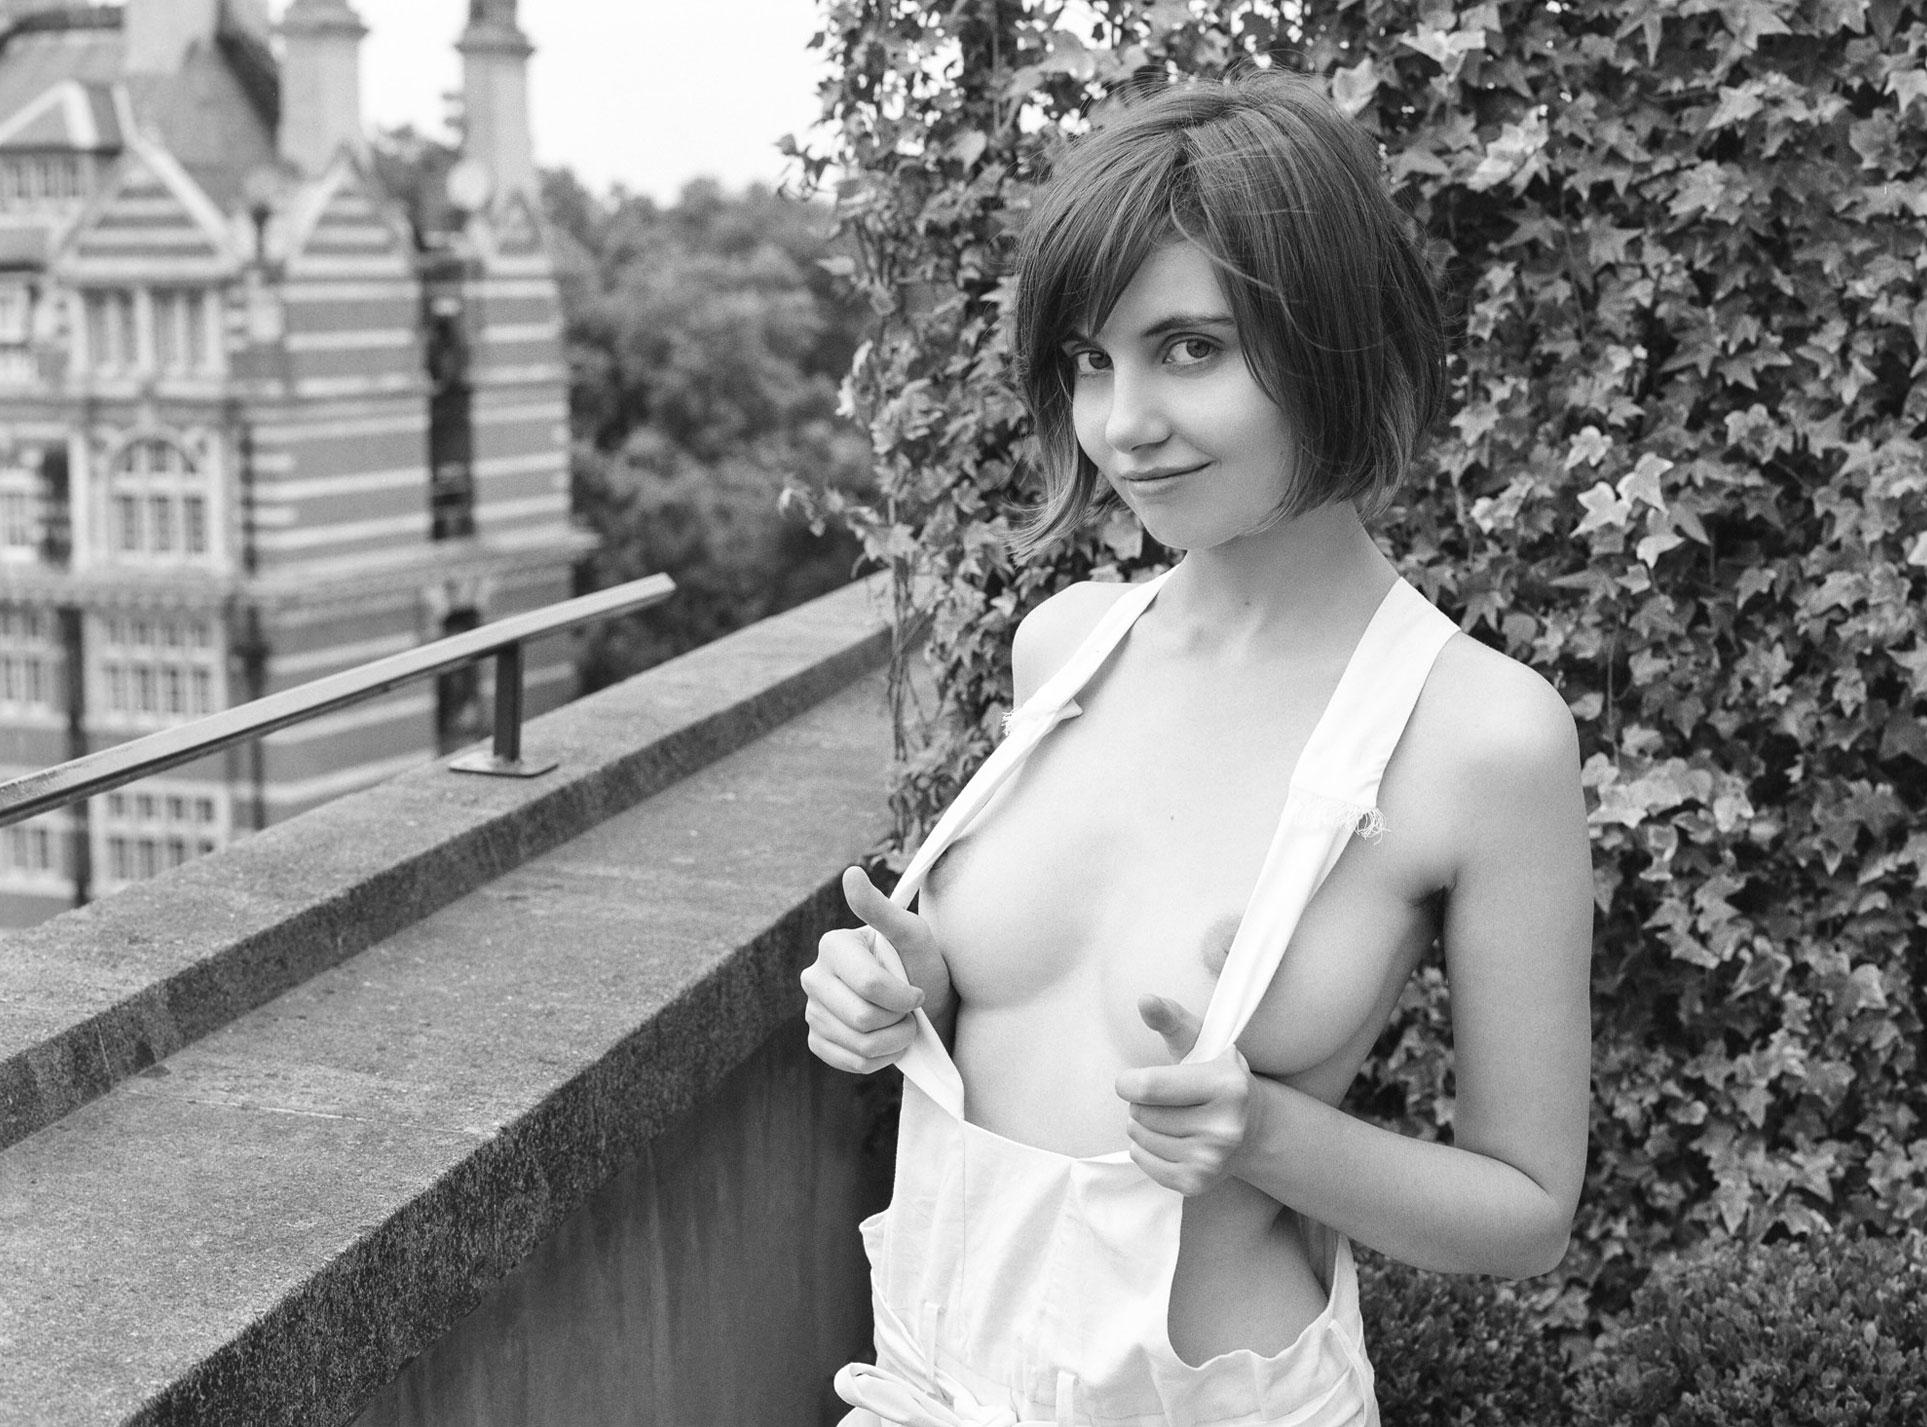 подборка фотографий сексуальных голых девушек - Liara Roux